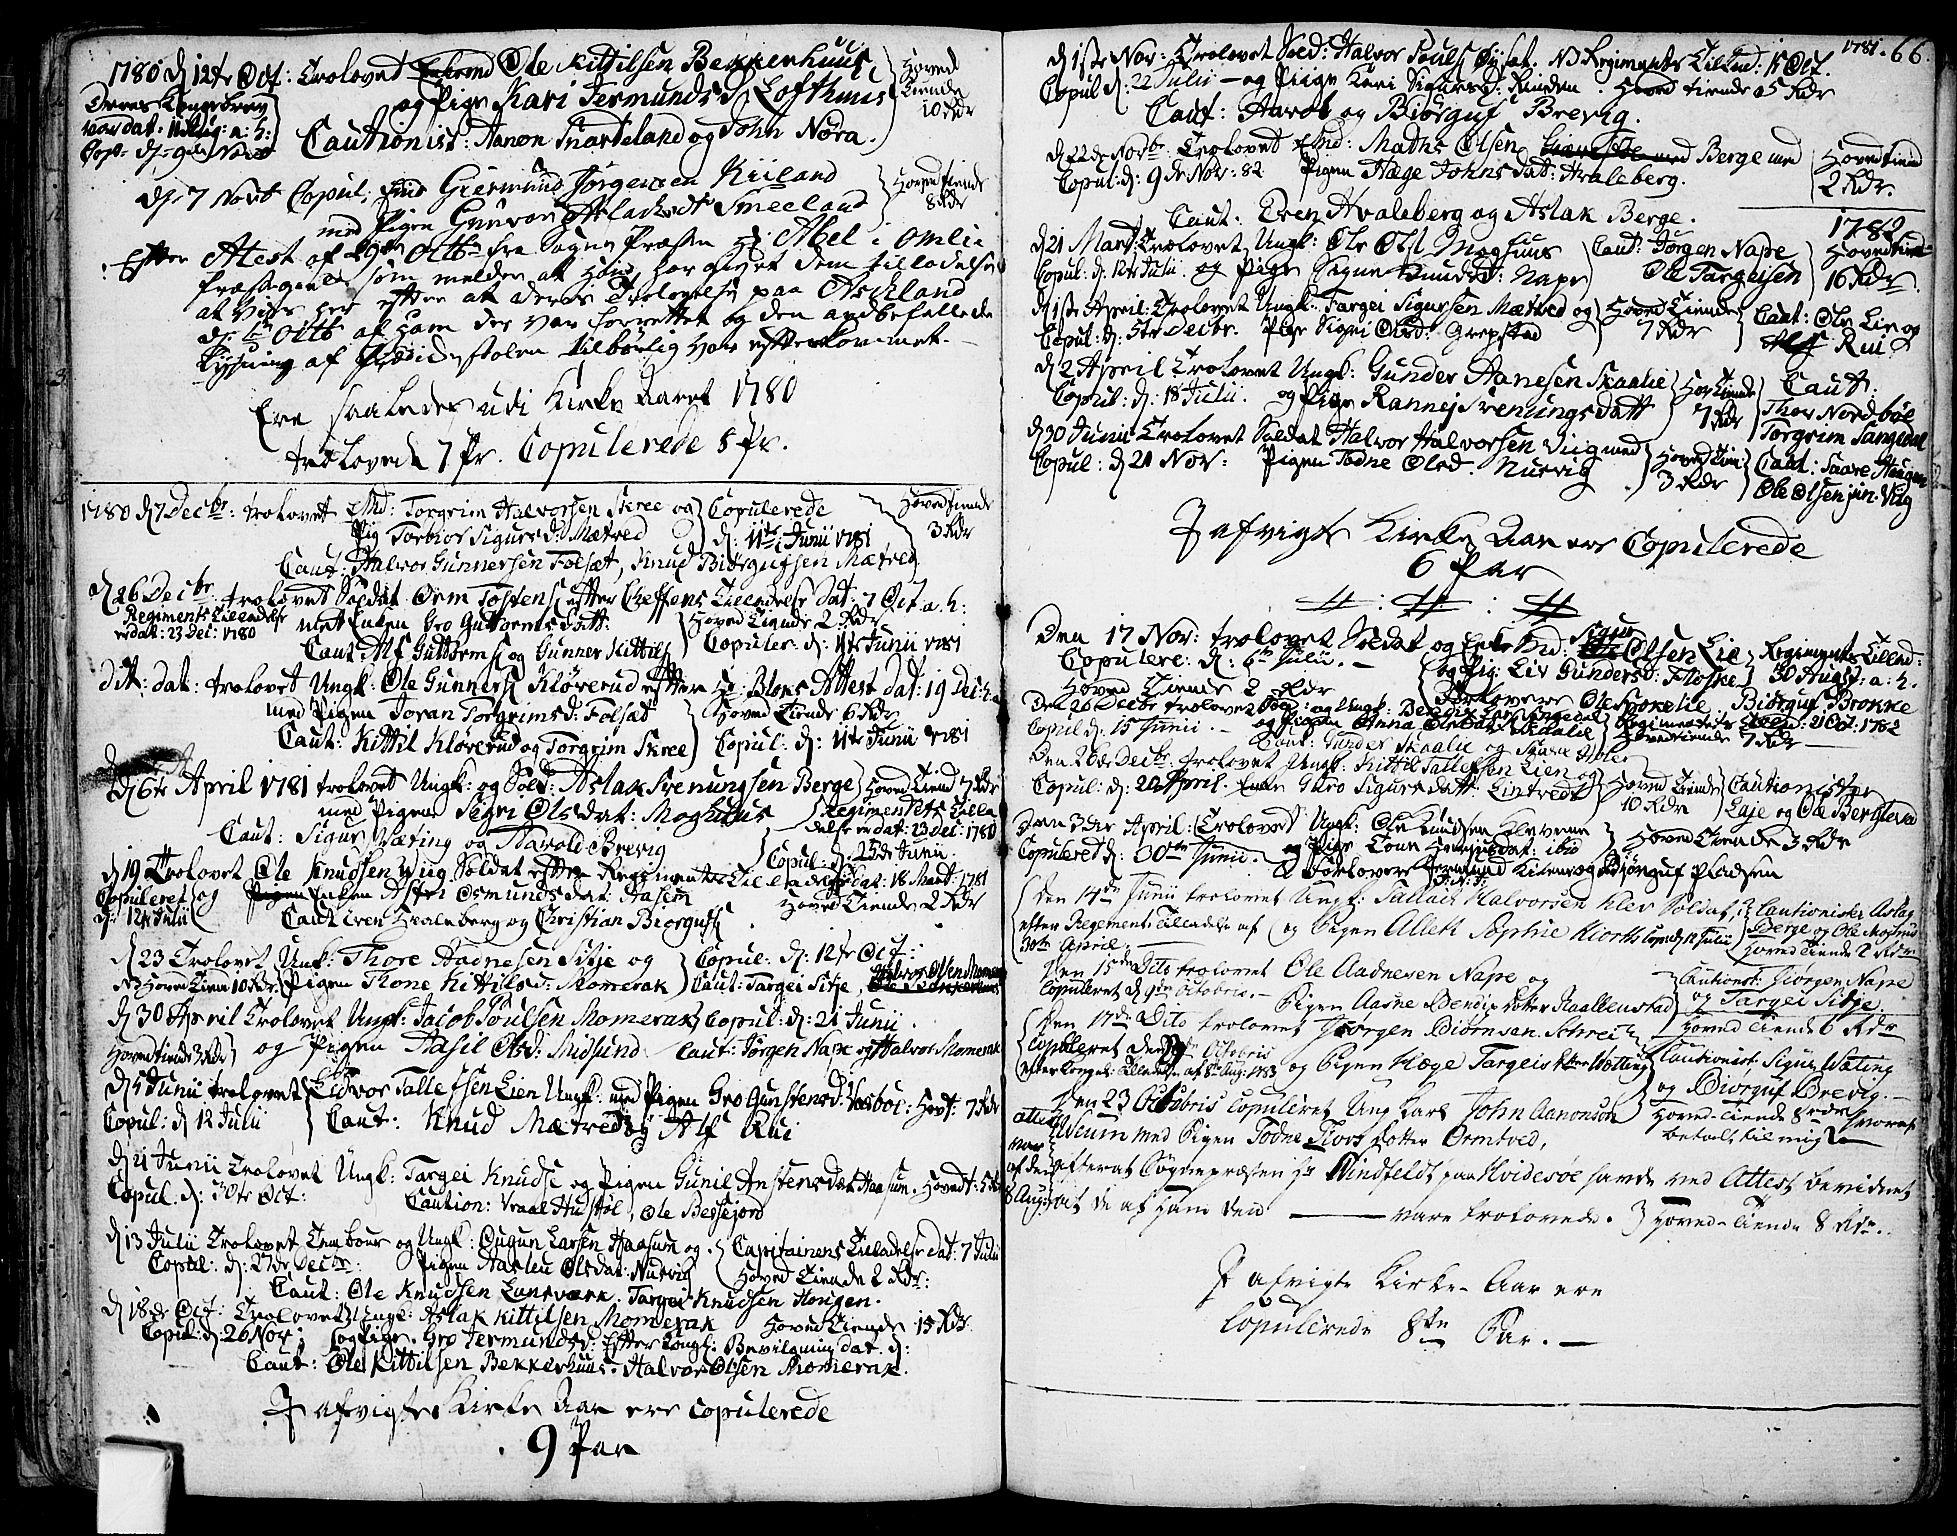 SAKO, Fyresdal kirkebøker, F/Fa/L0002: Ministerialbok nr. I 2, 1769-1814, s. 66